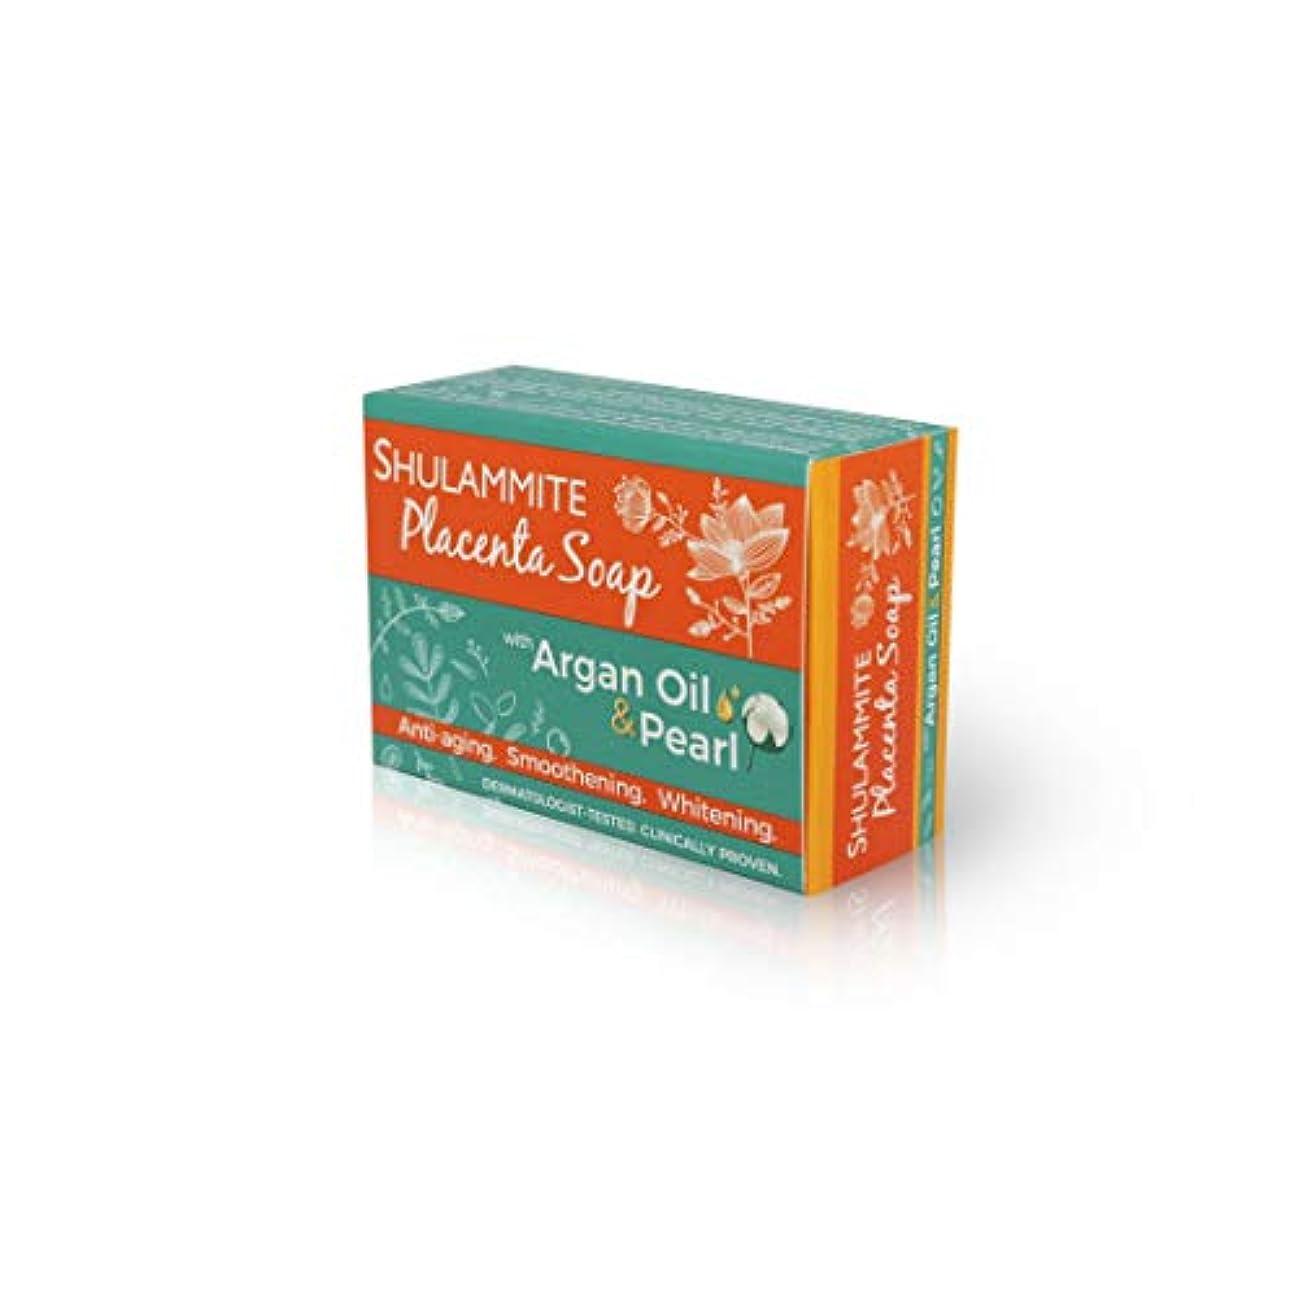 投資する瞳プロペラSHULAMMITE Placenta Soap with Argan Oil & Pearl/アルガンオイル&パール配合ソープ150g